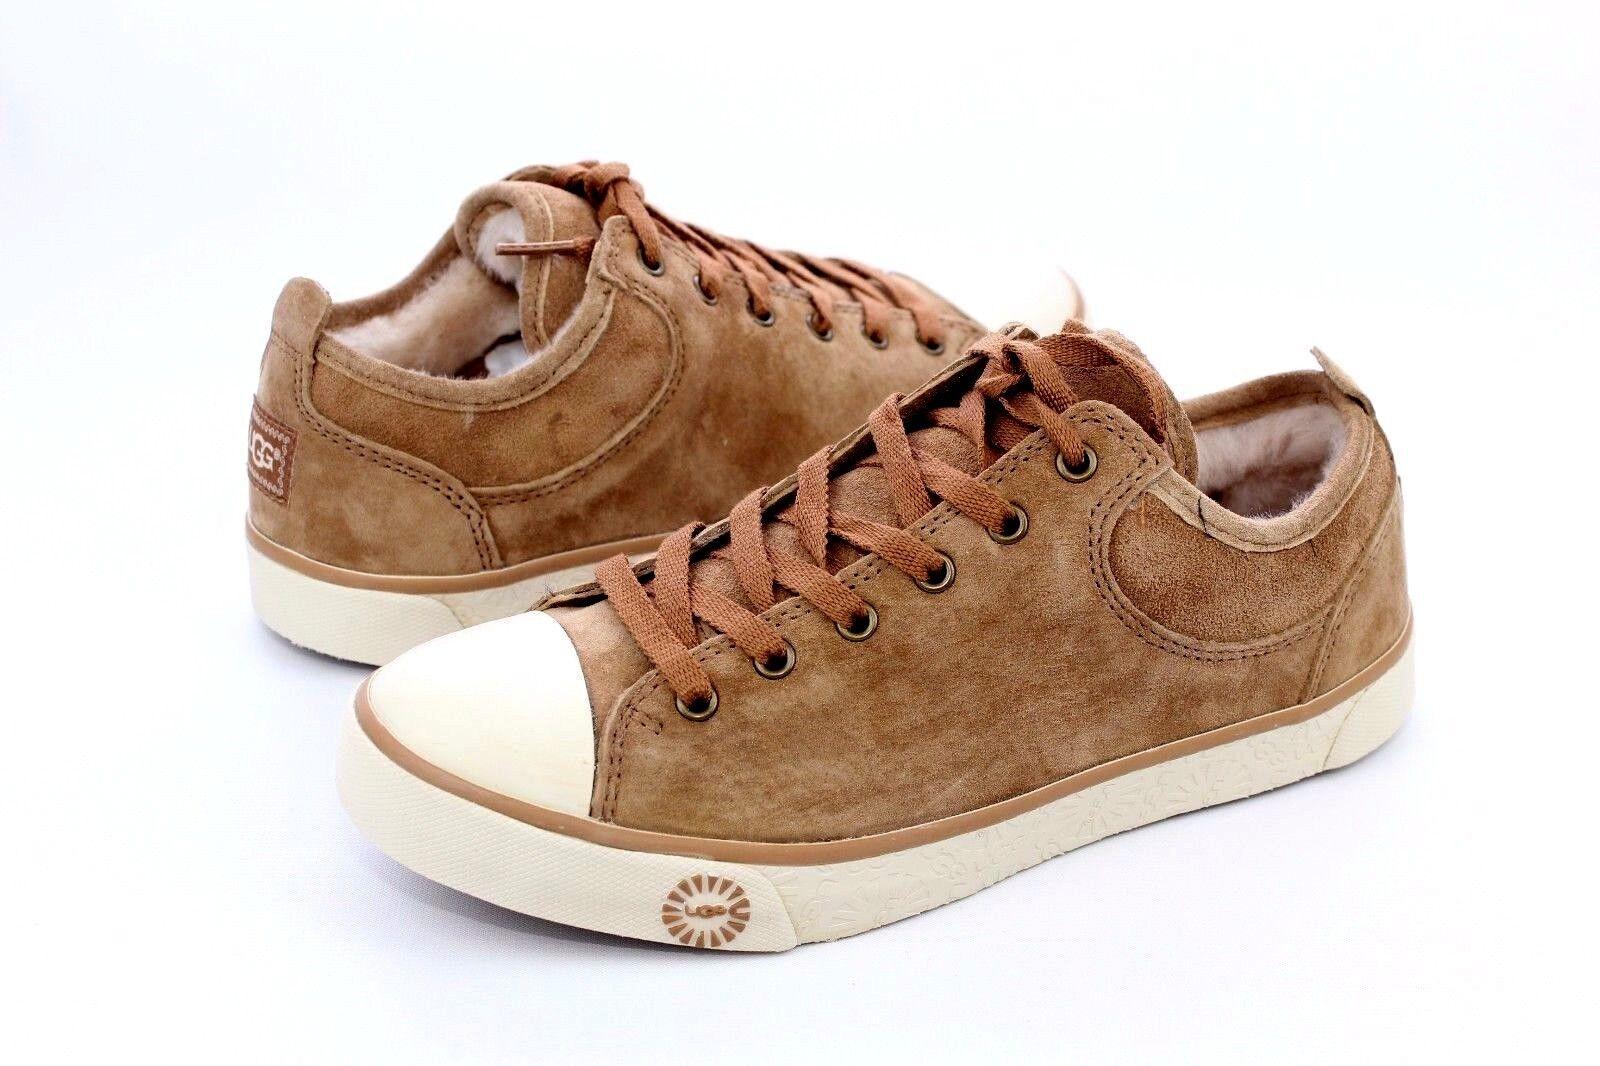 UGG Australia EVERA Damen Sneaker Wildleder Kastanie Farbe Größe 6.5 US